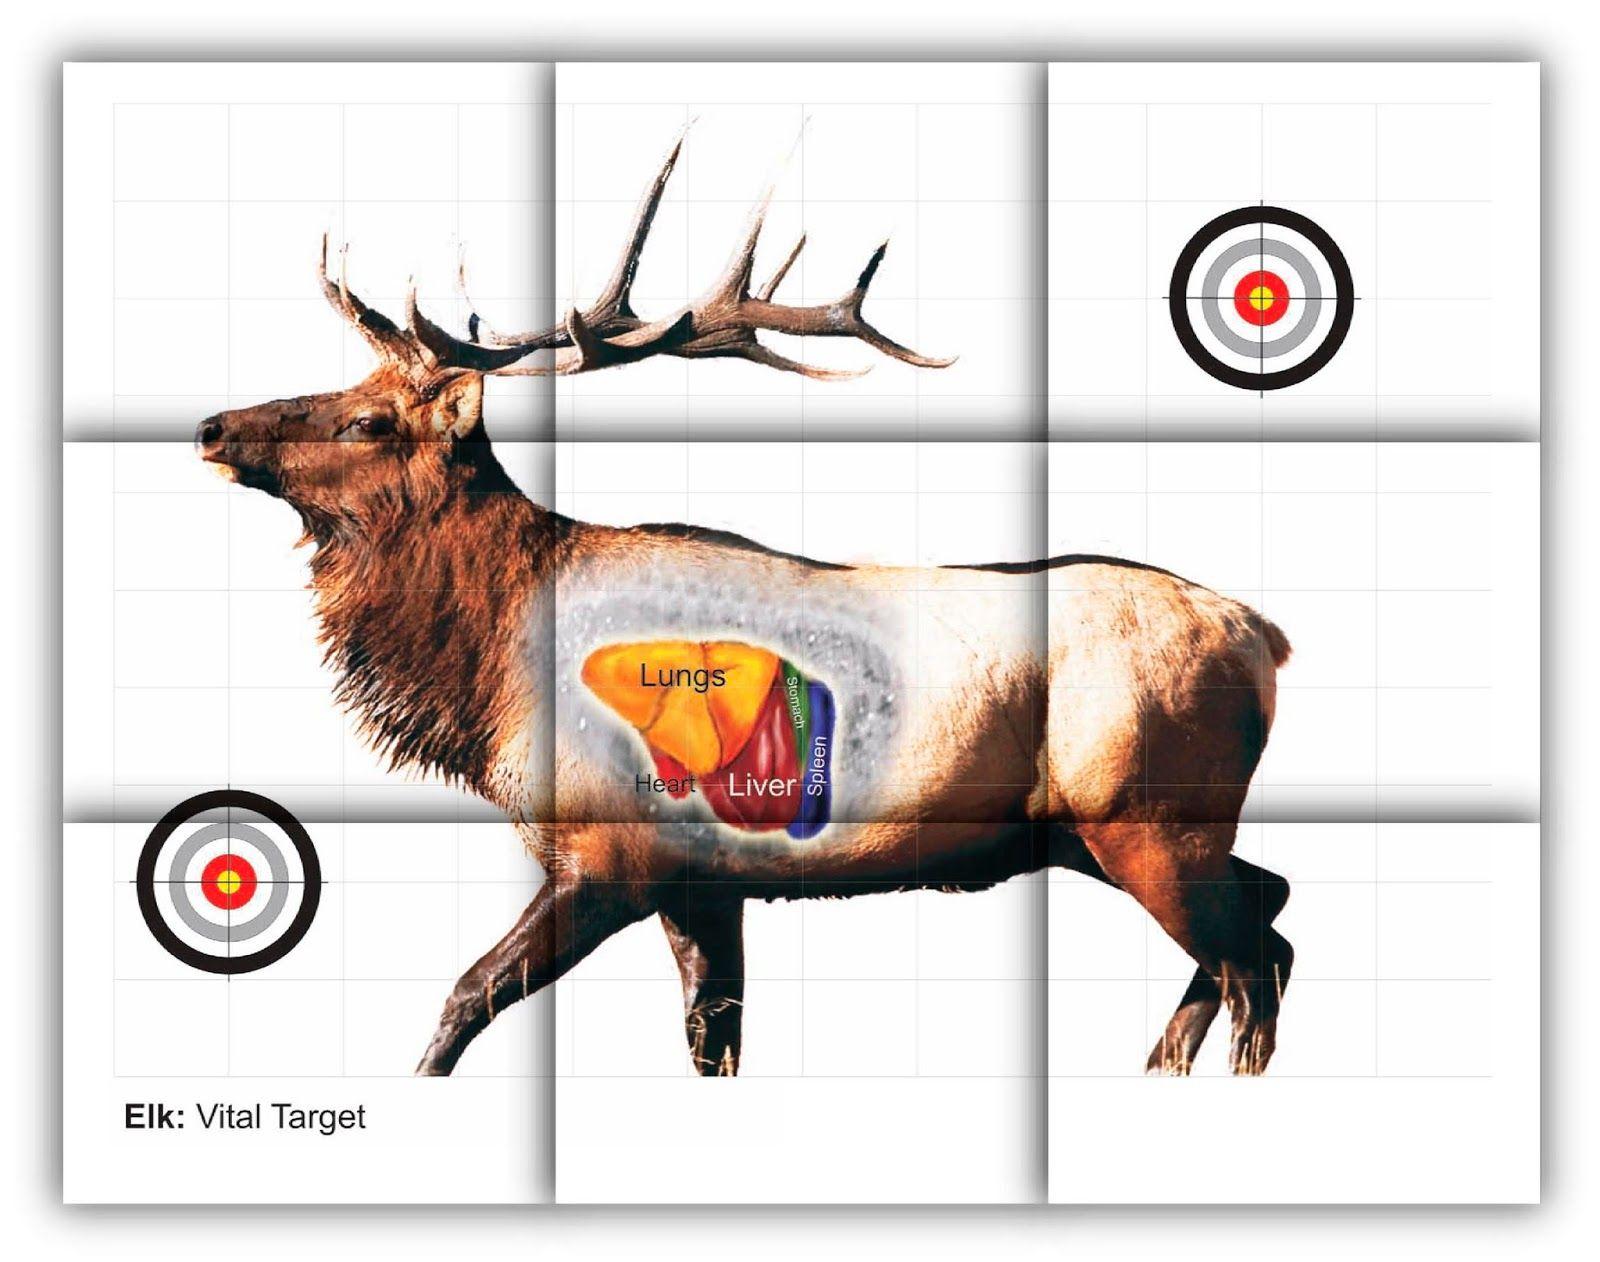 Whitetail Deer Vital Area Diagram 4 Pole Trailer Wiring Elk Vitals Target Free Printable Shooting Targets